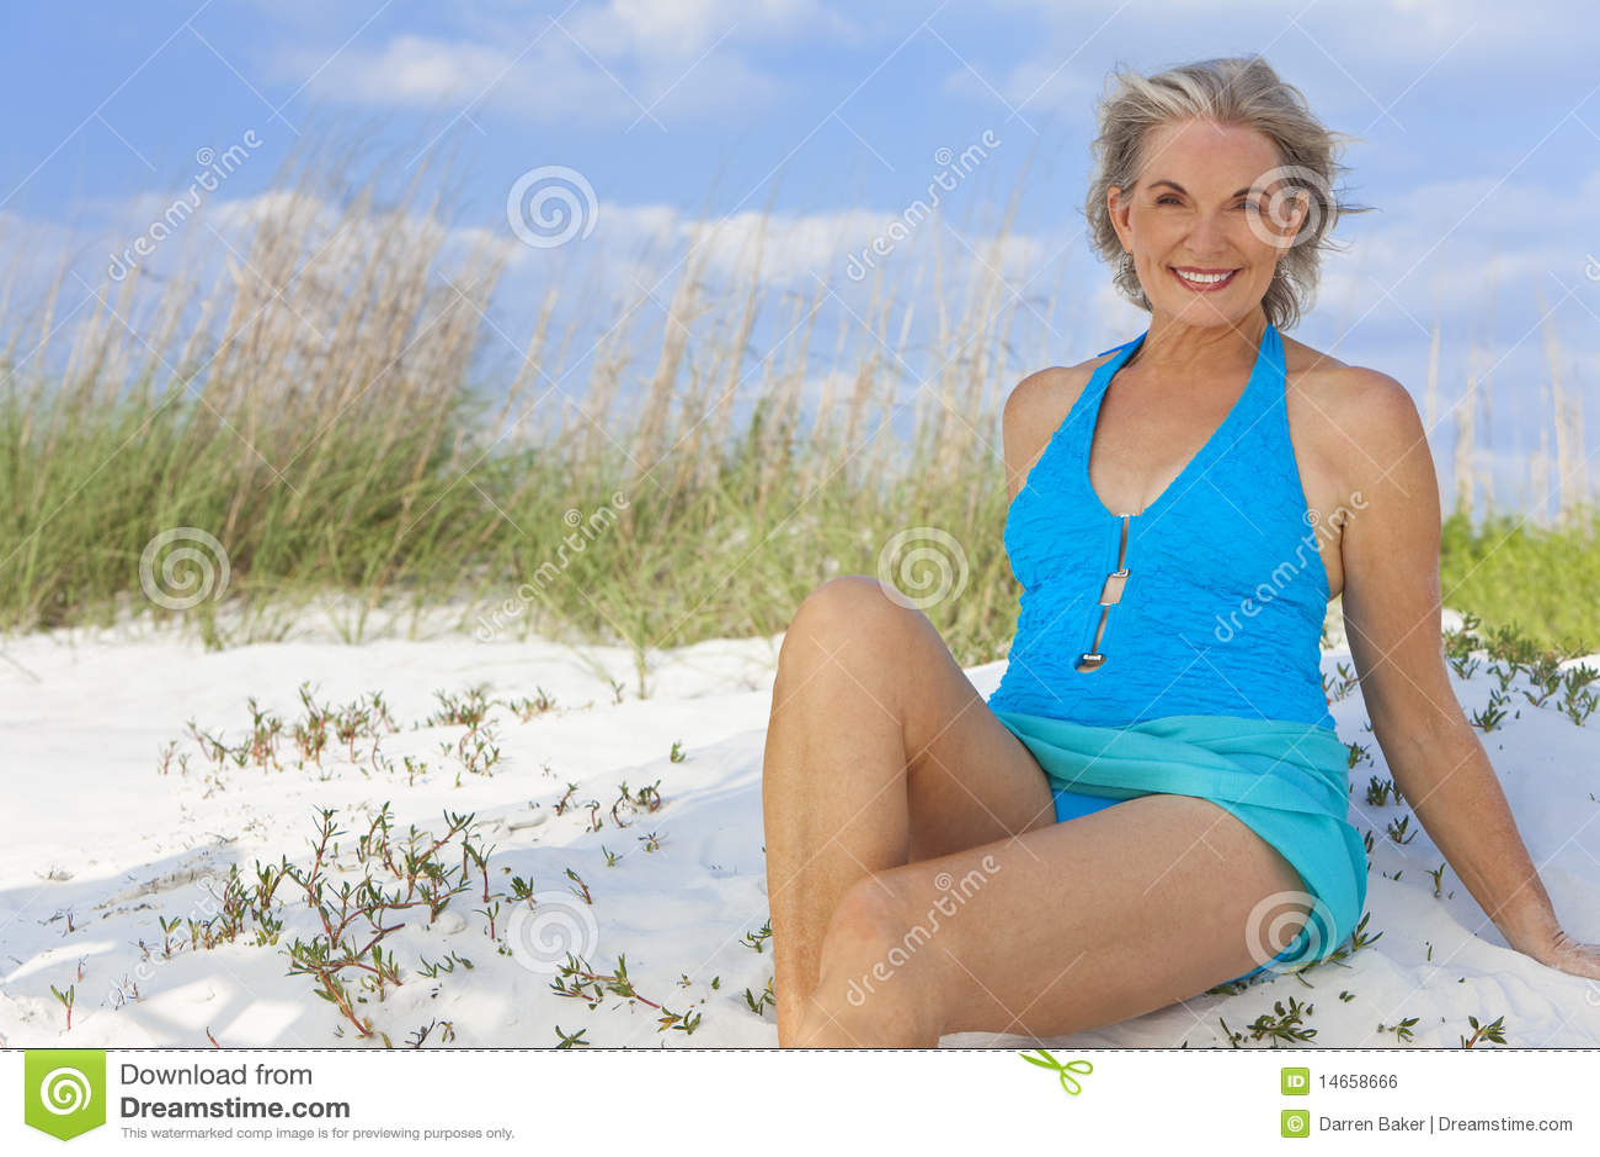 Ältere Frau Im Schwimmen-Kostüm Am Strand Stockfoto - Bild